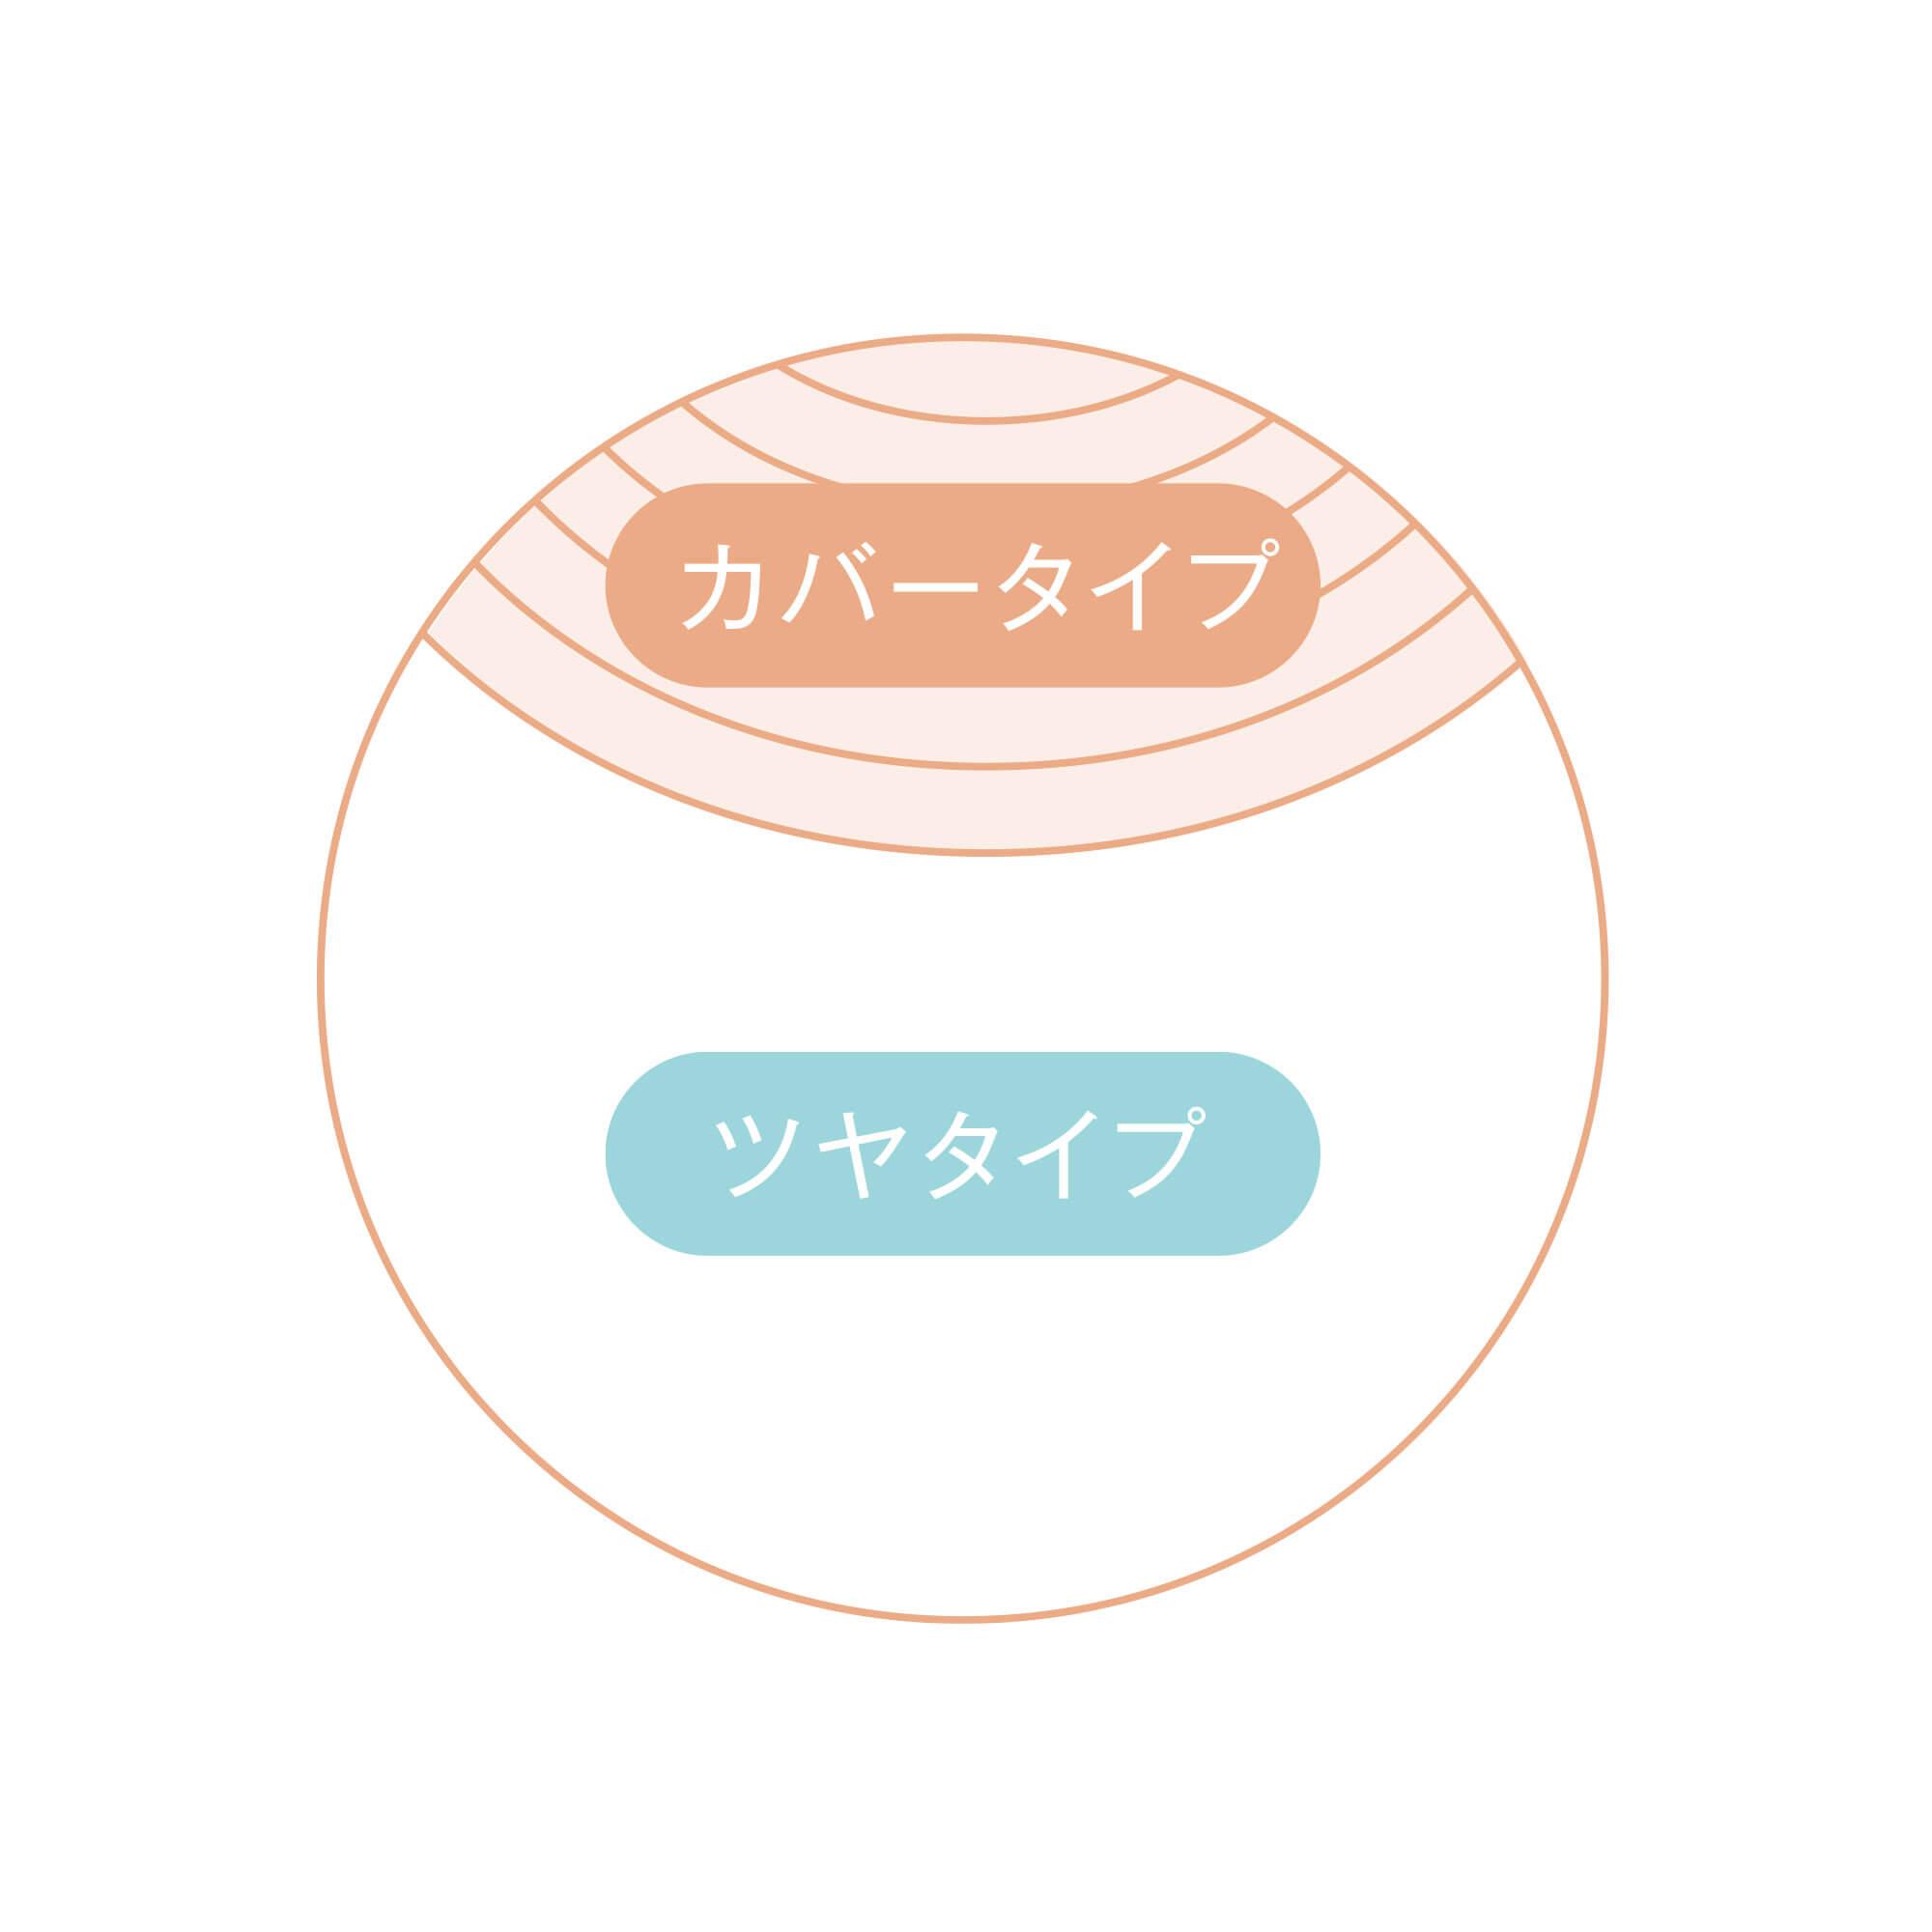 フジコ デュアルクッション のタイプ